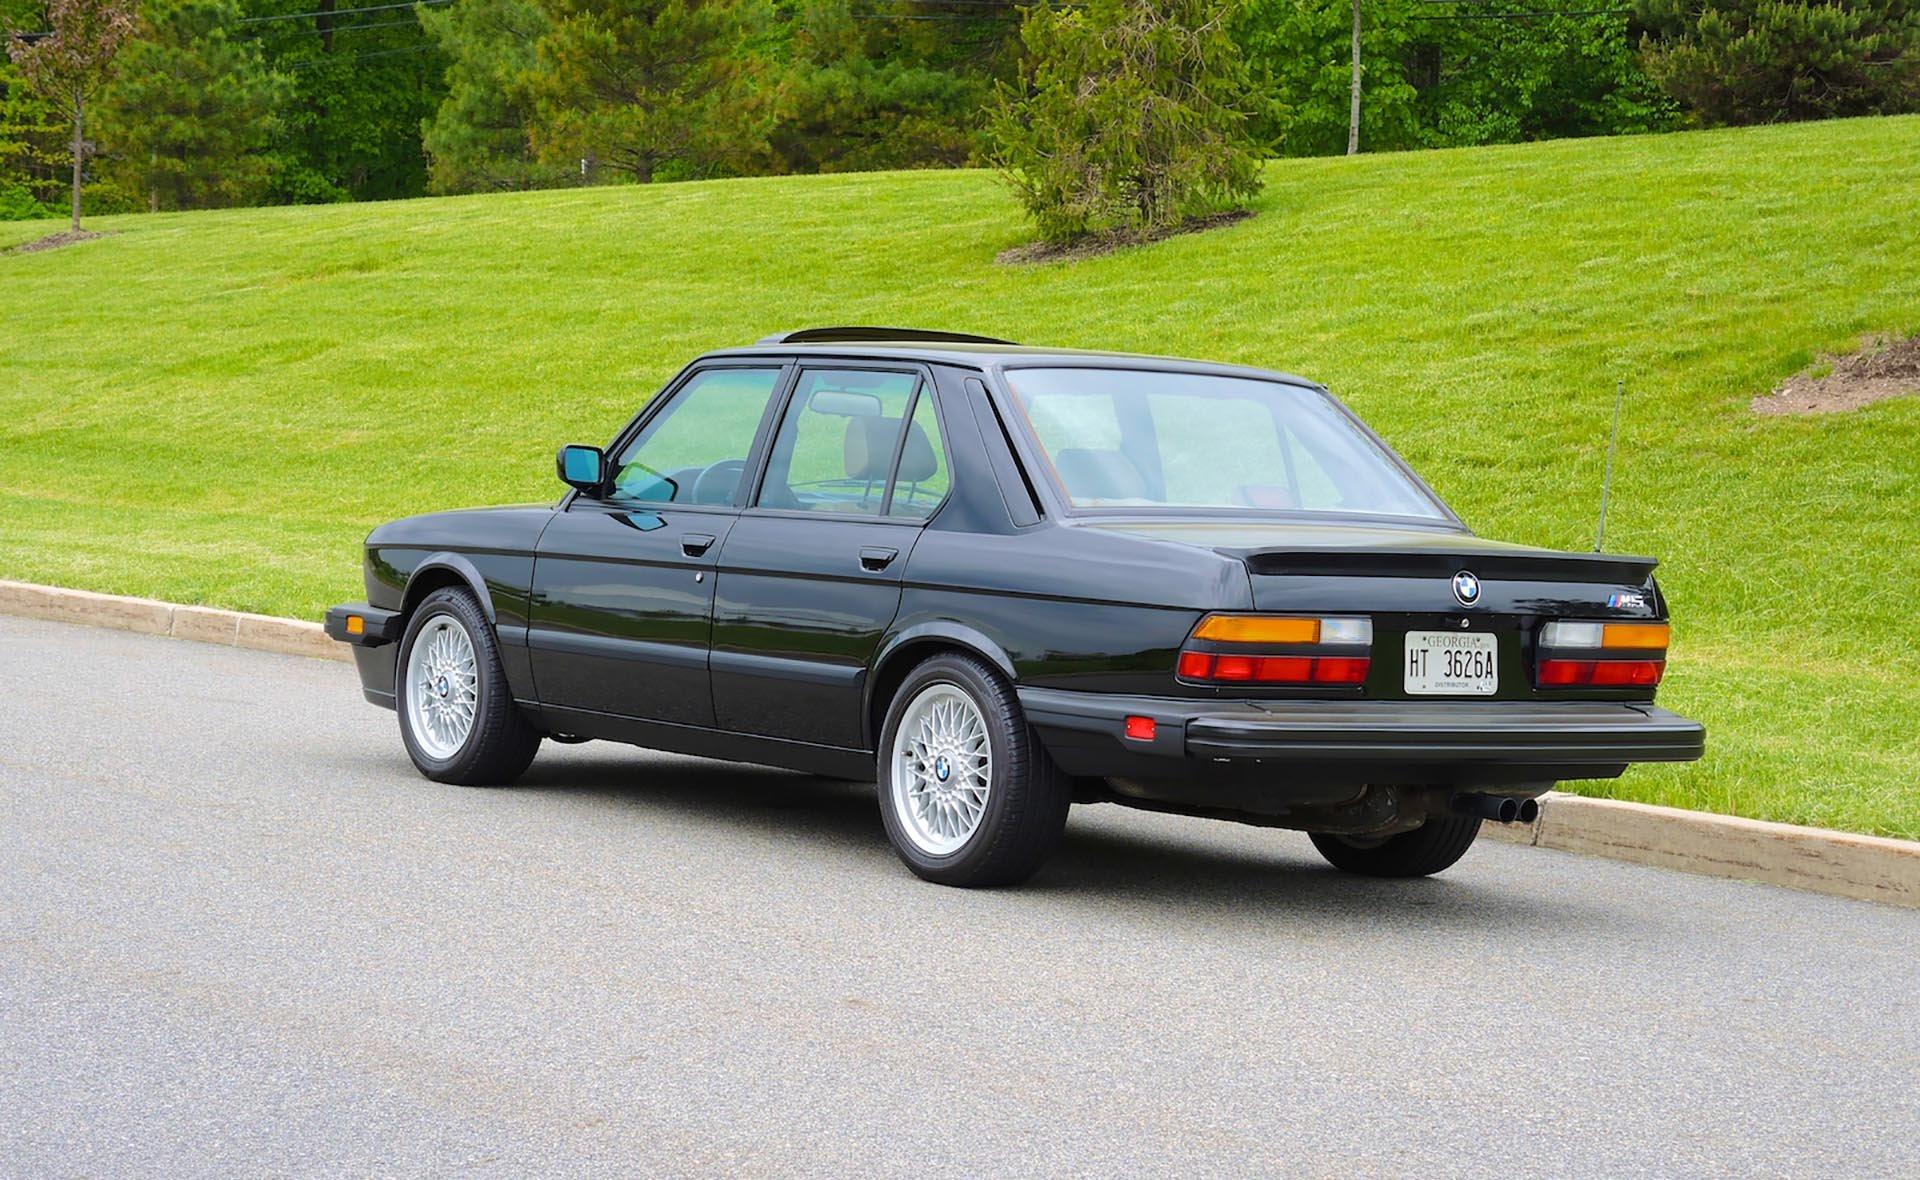 05_BMW E28 M5 Rear USA